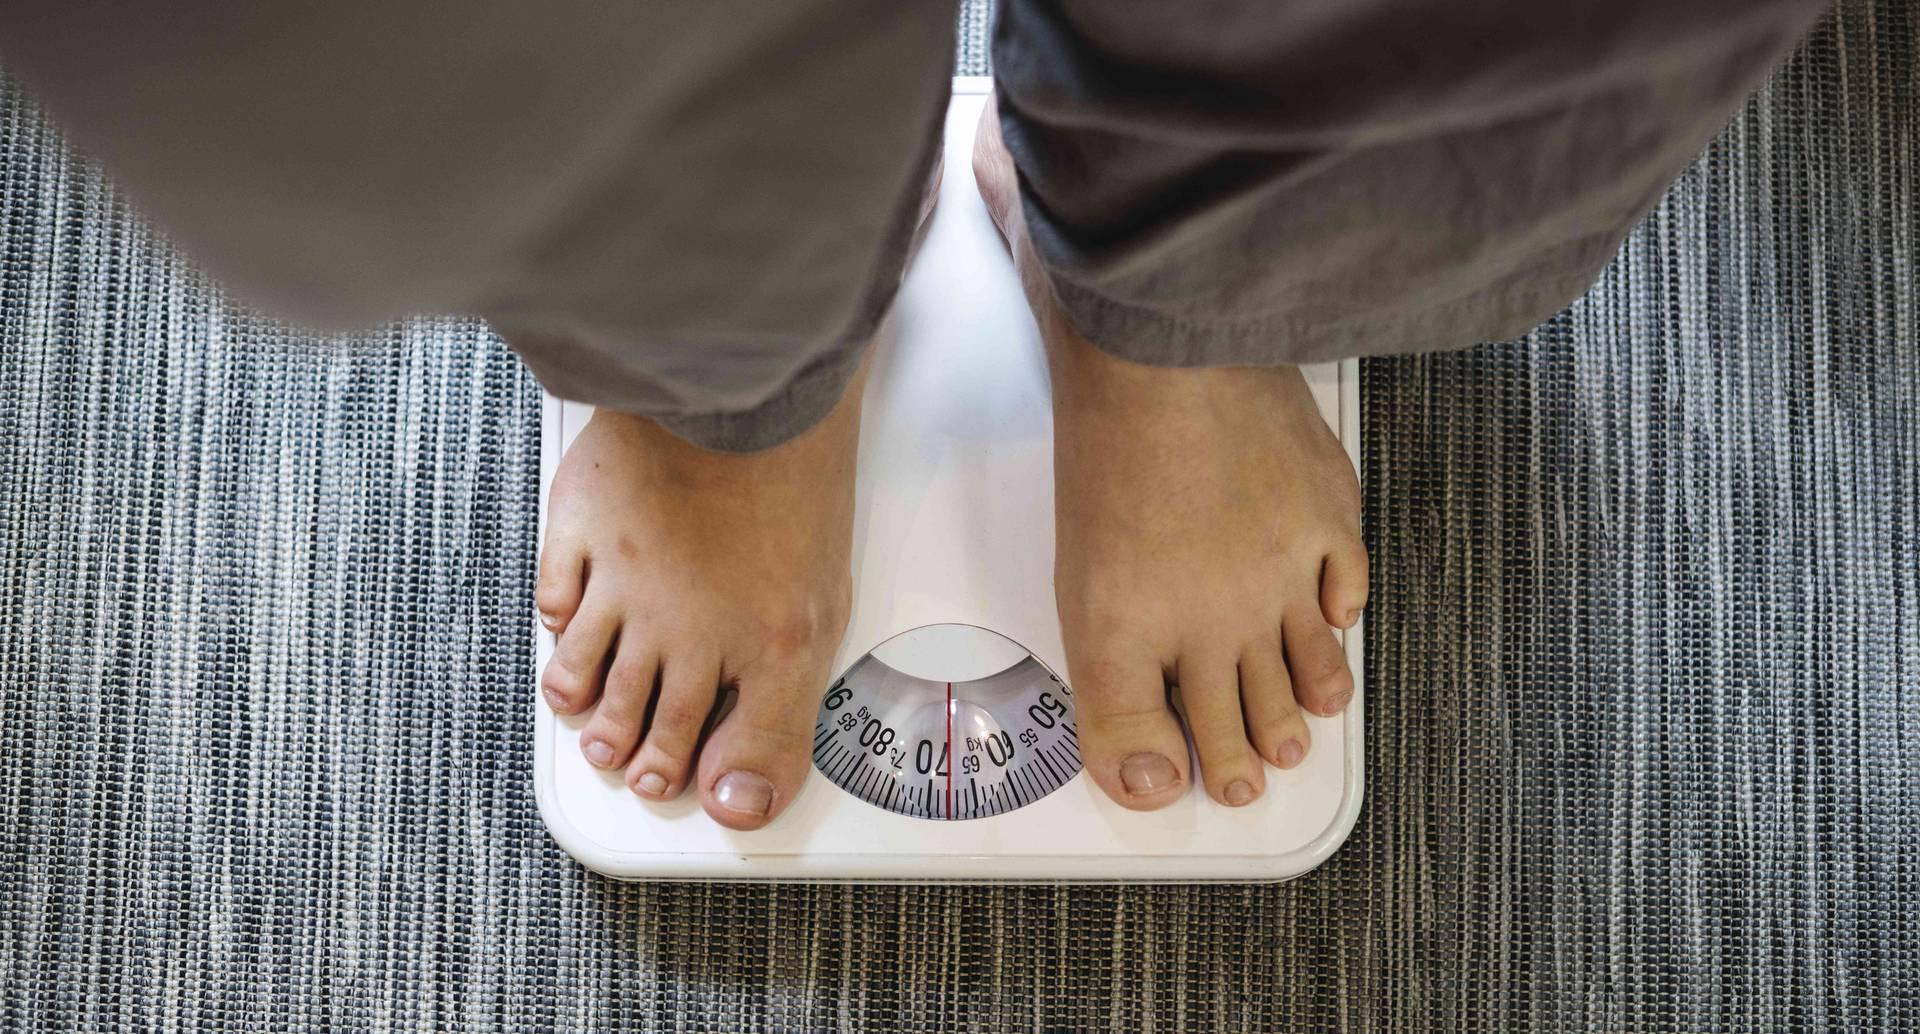 La obesidad, una enfermedad